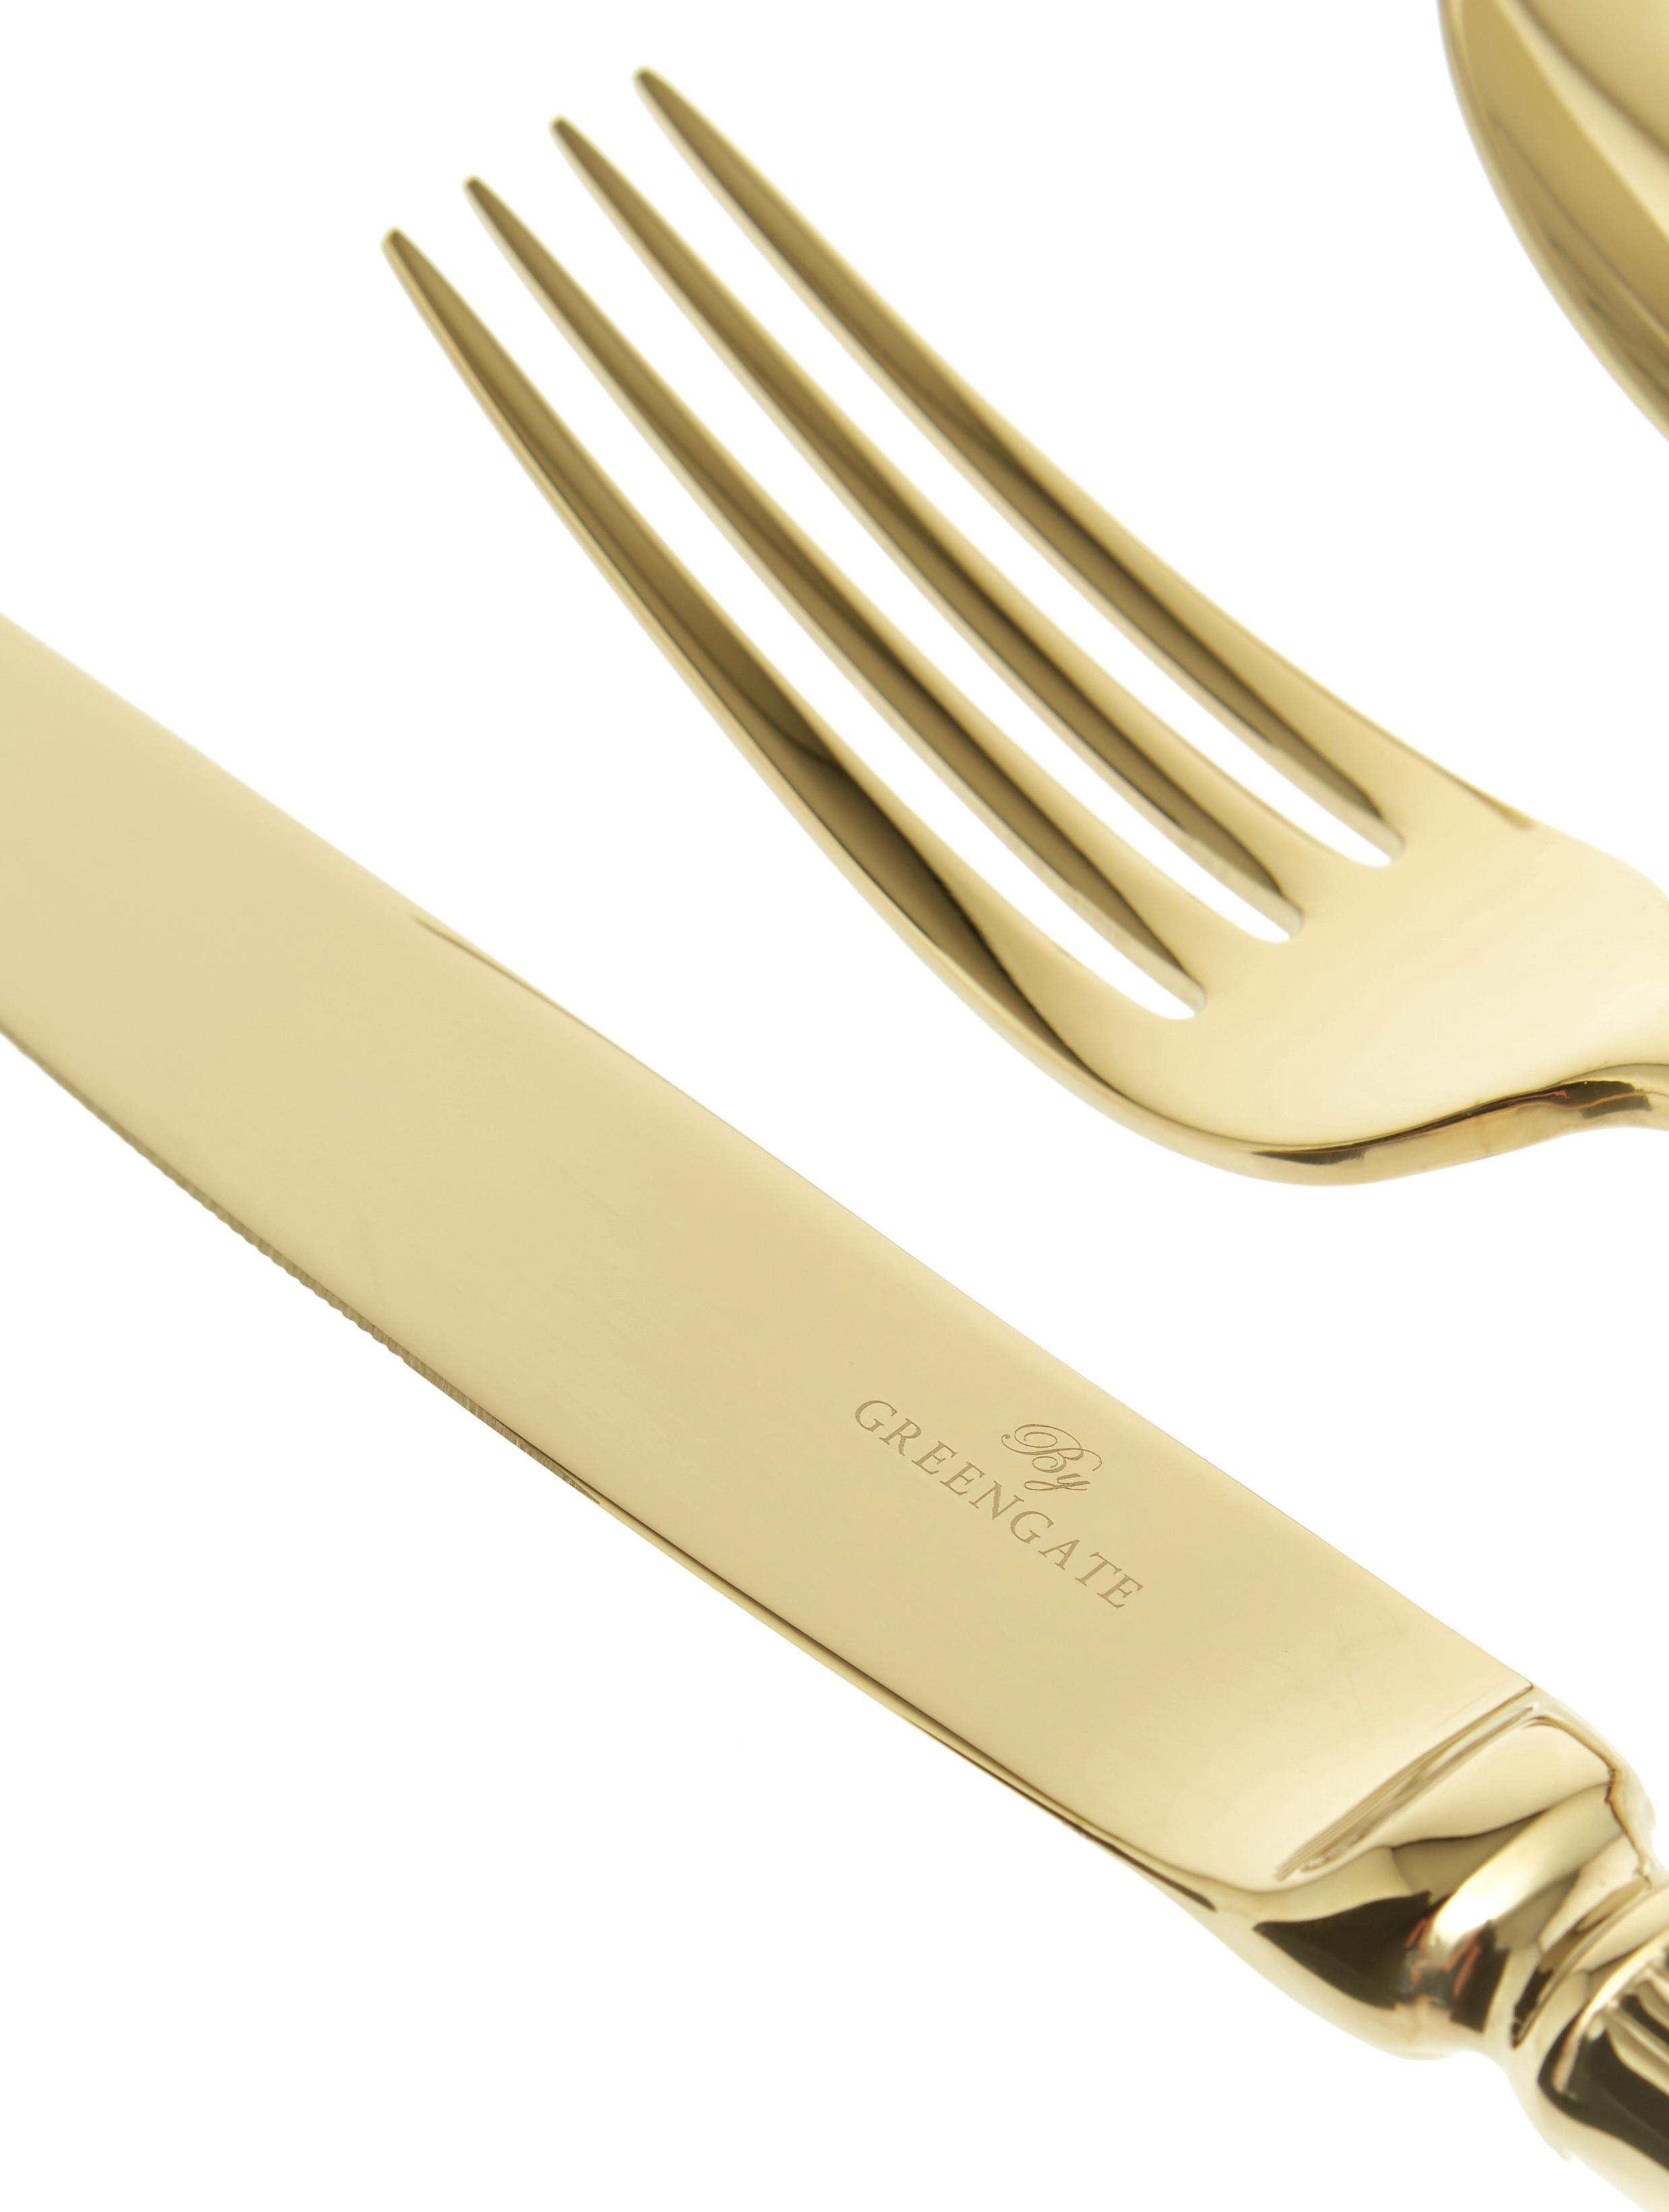 Posate dorate con struttura scanalata sul manico Elegance 4 pz, Acciaio inossidabile, rivestimento PVD, Dorato, Lung. 21 cm